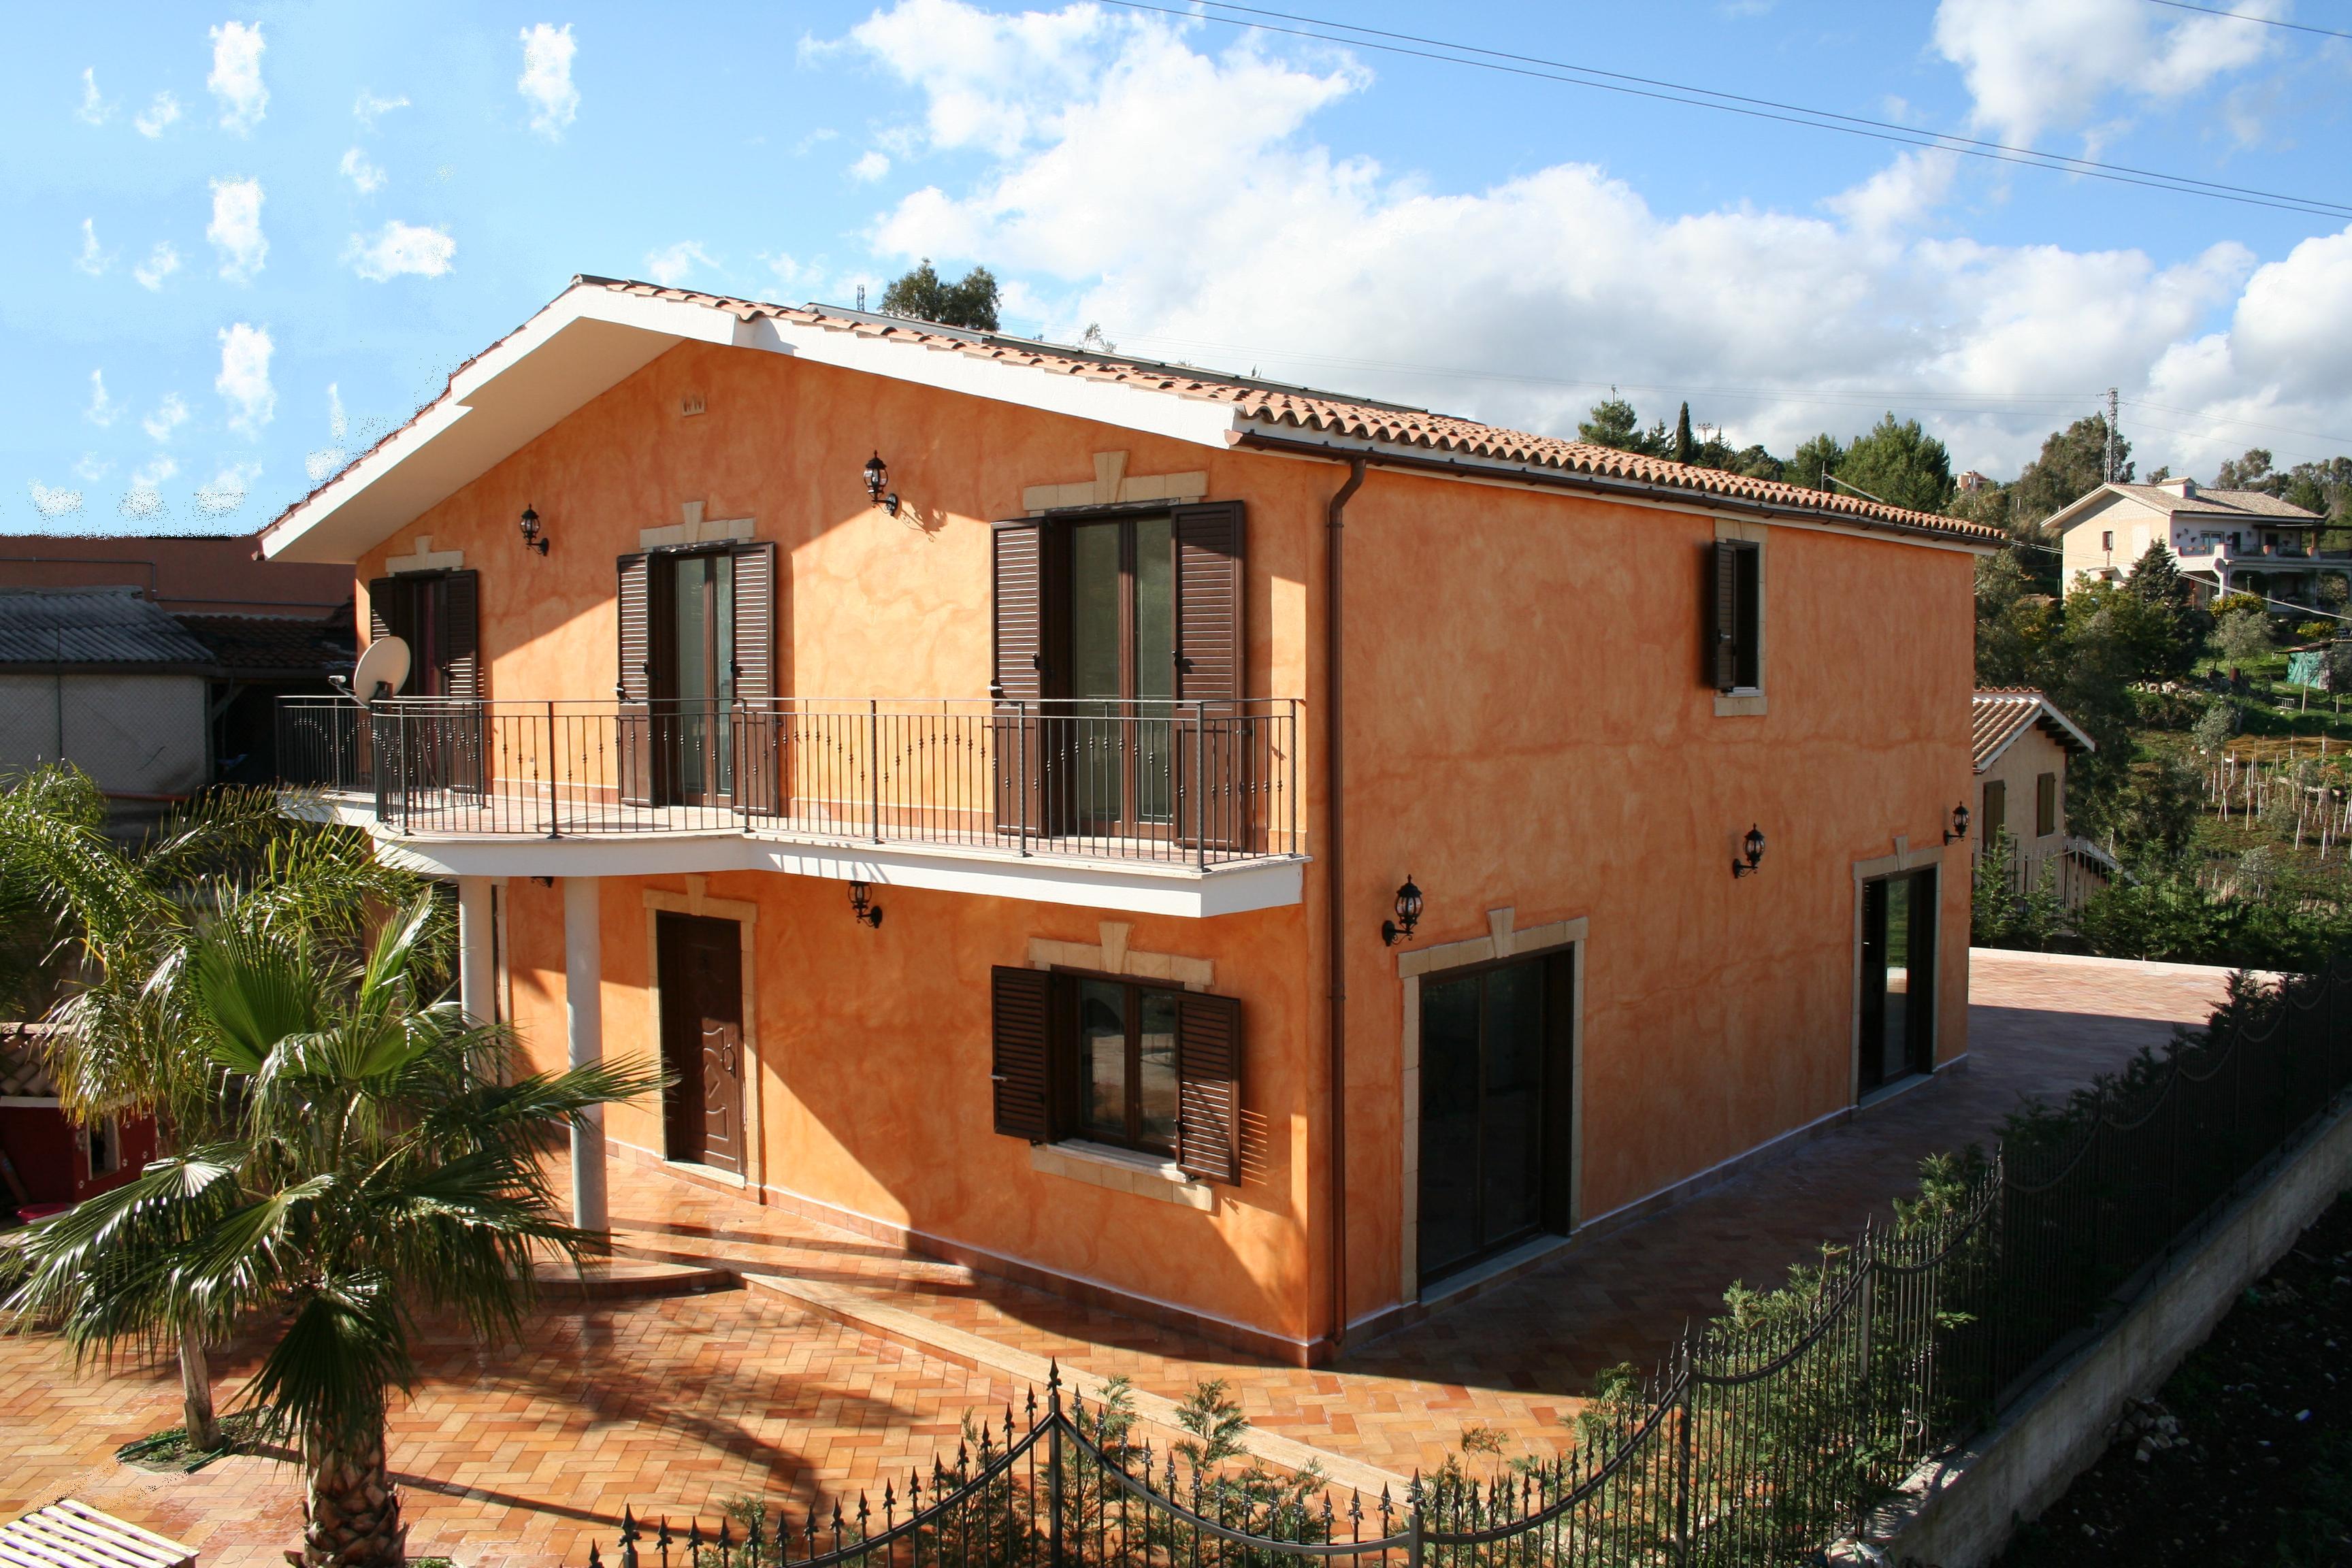 case prefabbricate sicilia precostruedile case